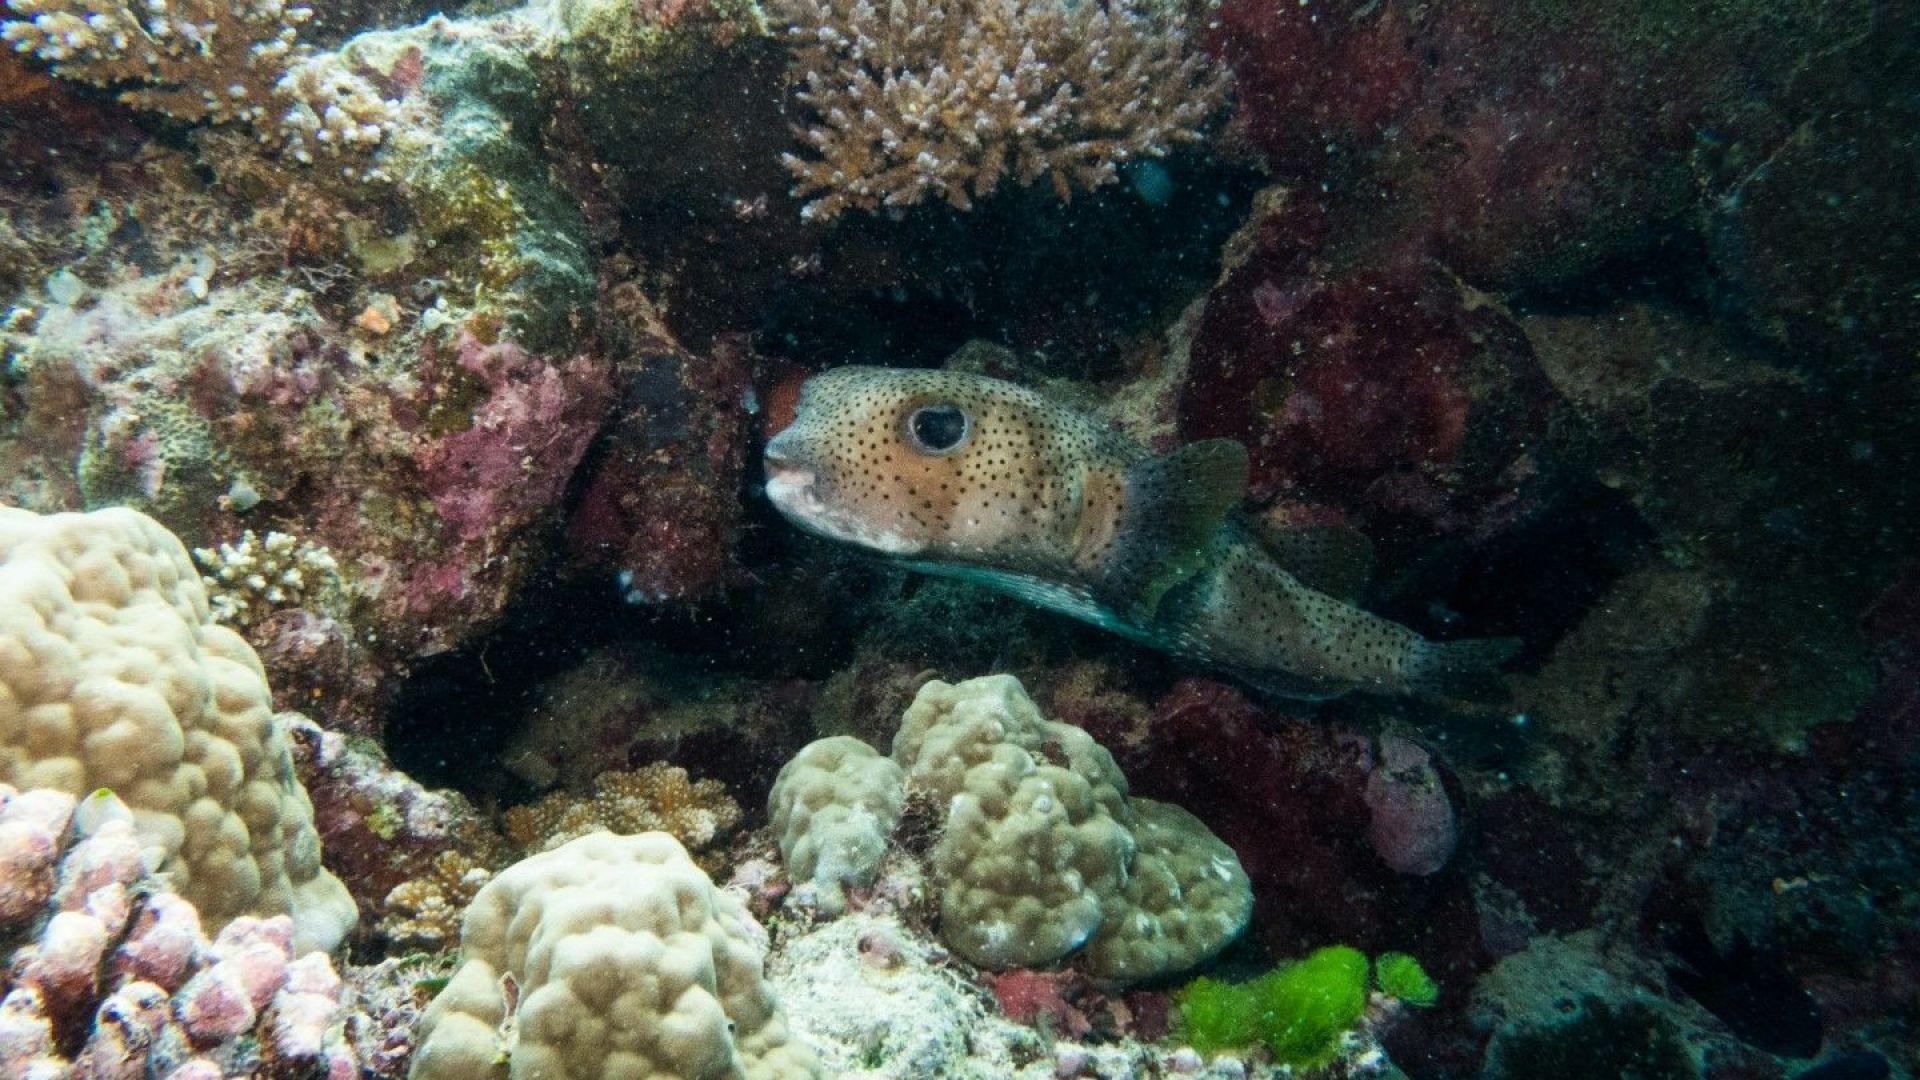 Австралия харчи 380 млн. долара за спасяване на Големия бариерен риф